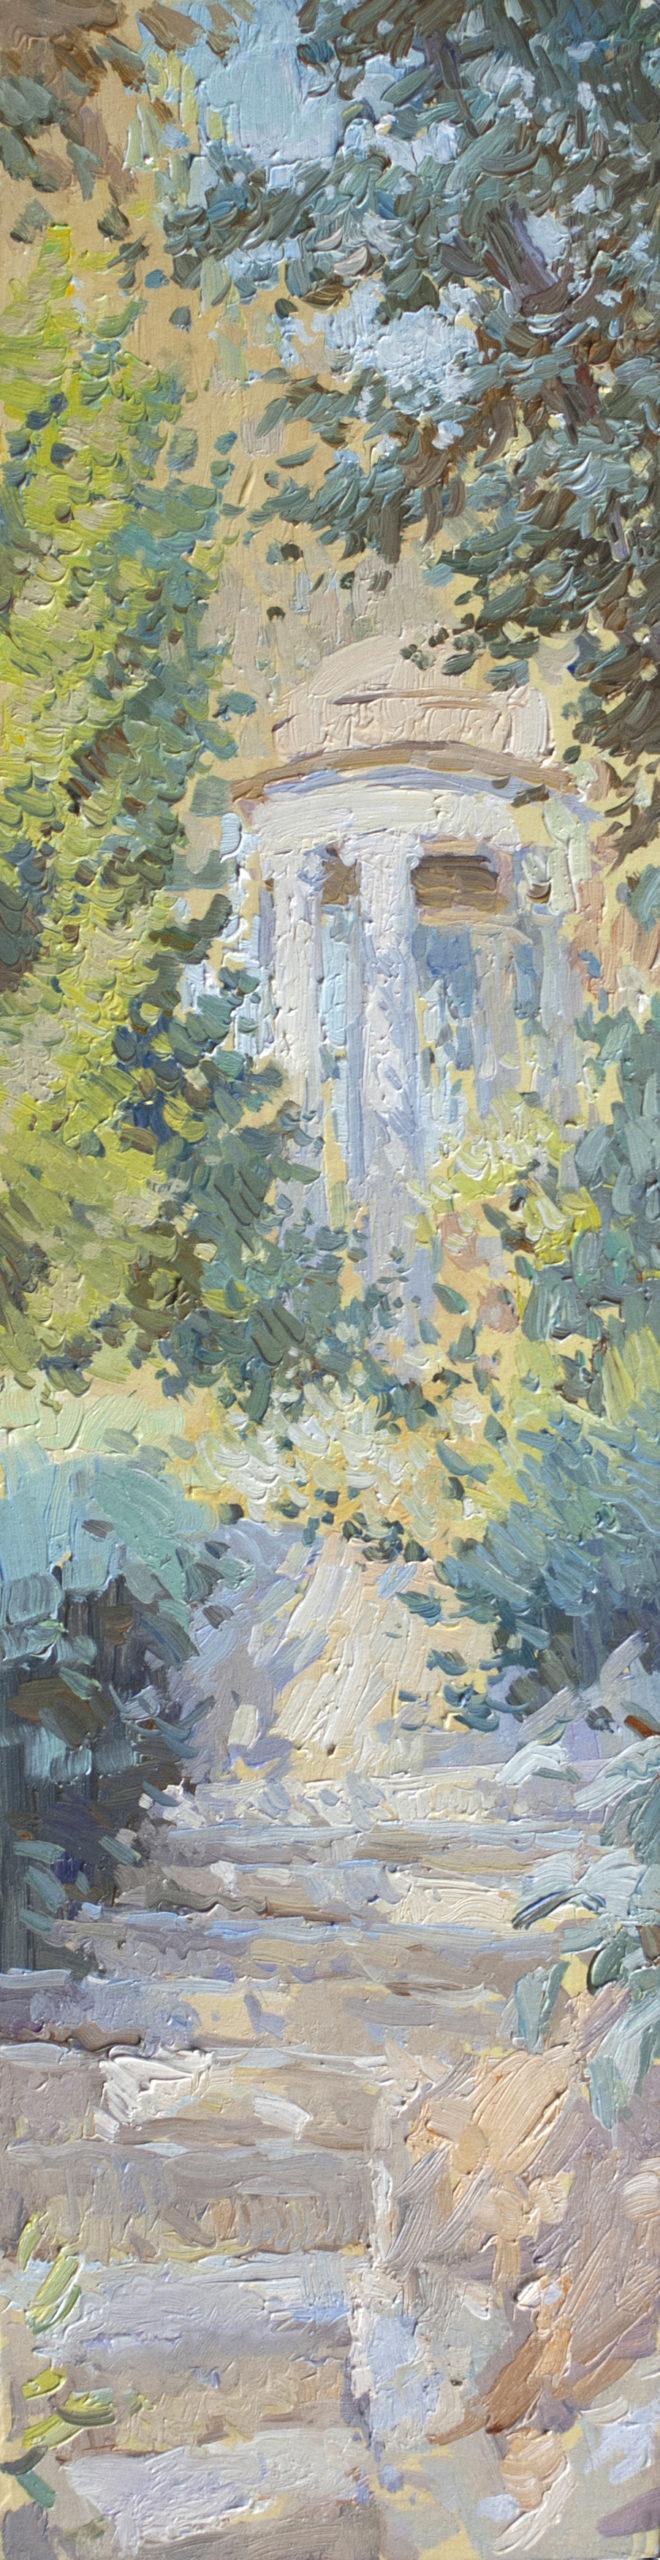 Евгений Щеглов «Лестница в парке Ротшильдов»